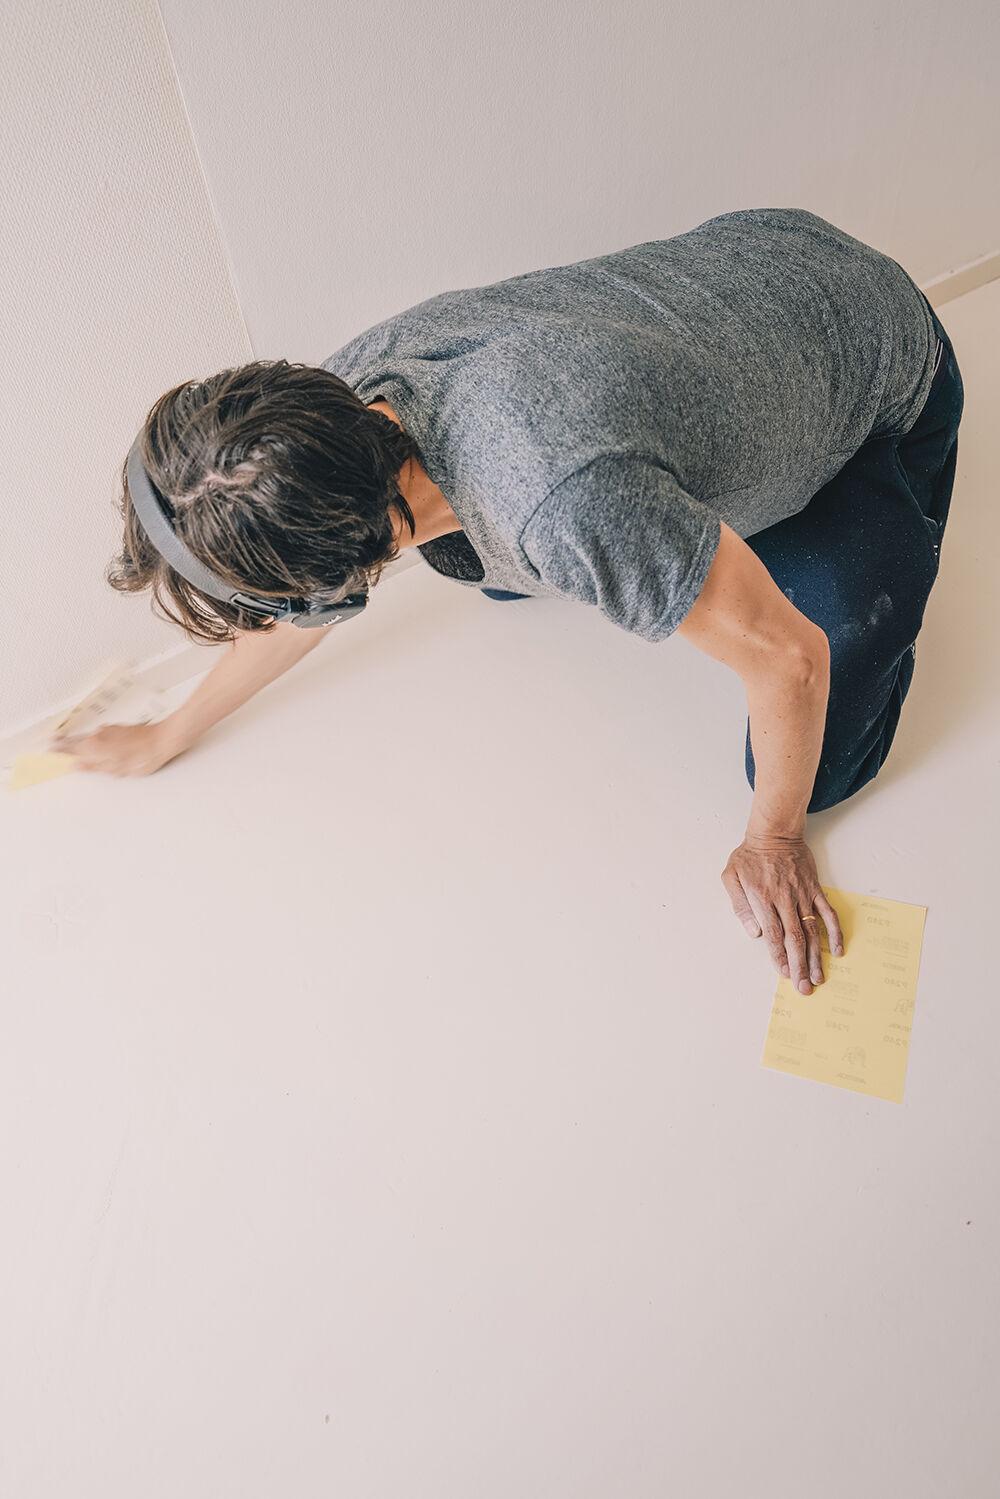 måla linoleumgolv plastmatta före och efter 2